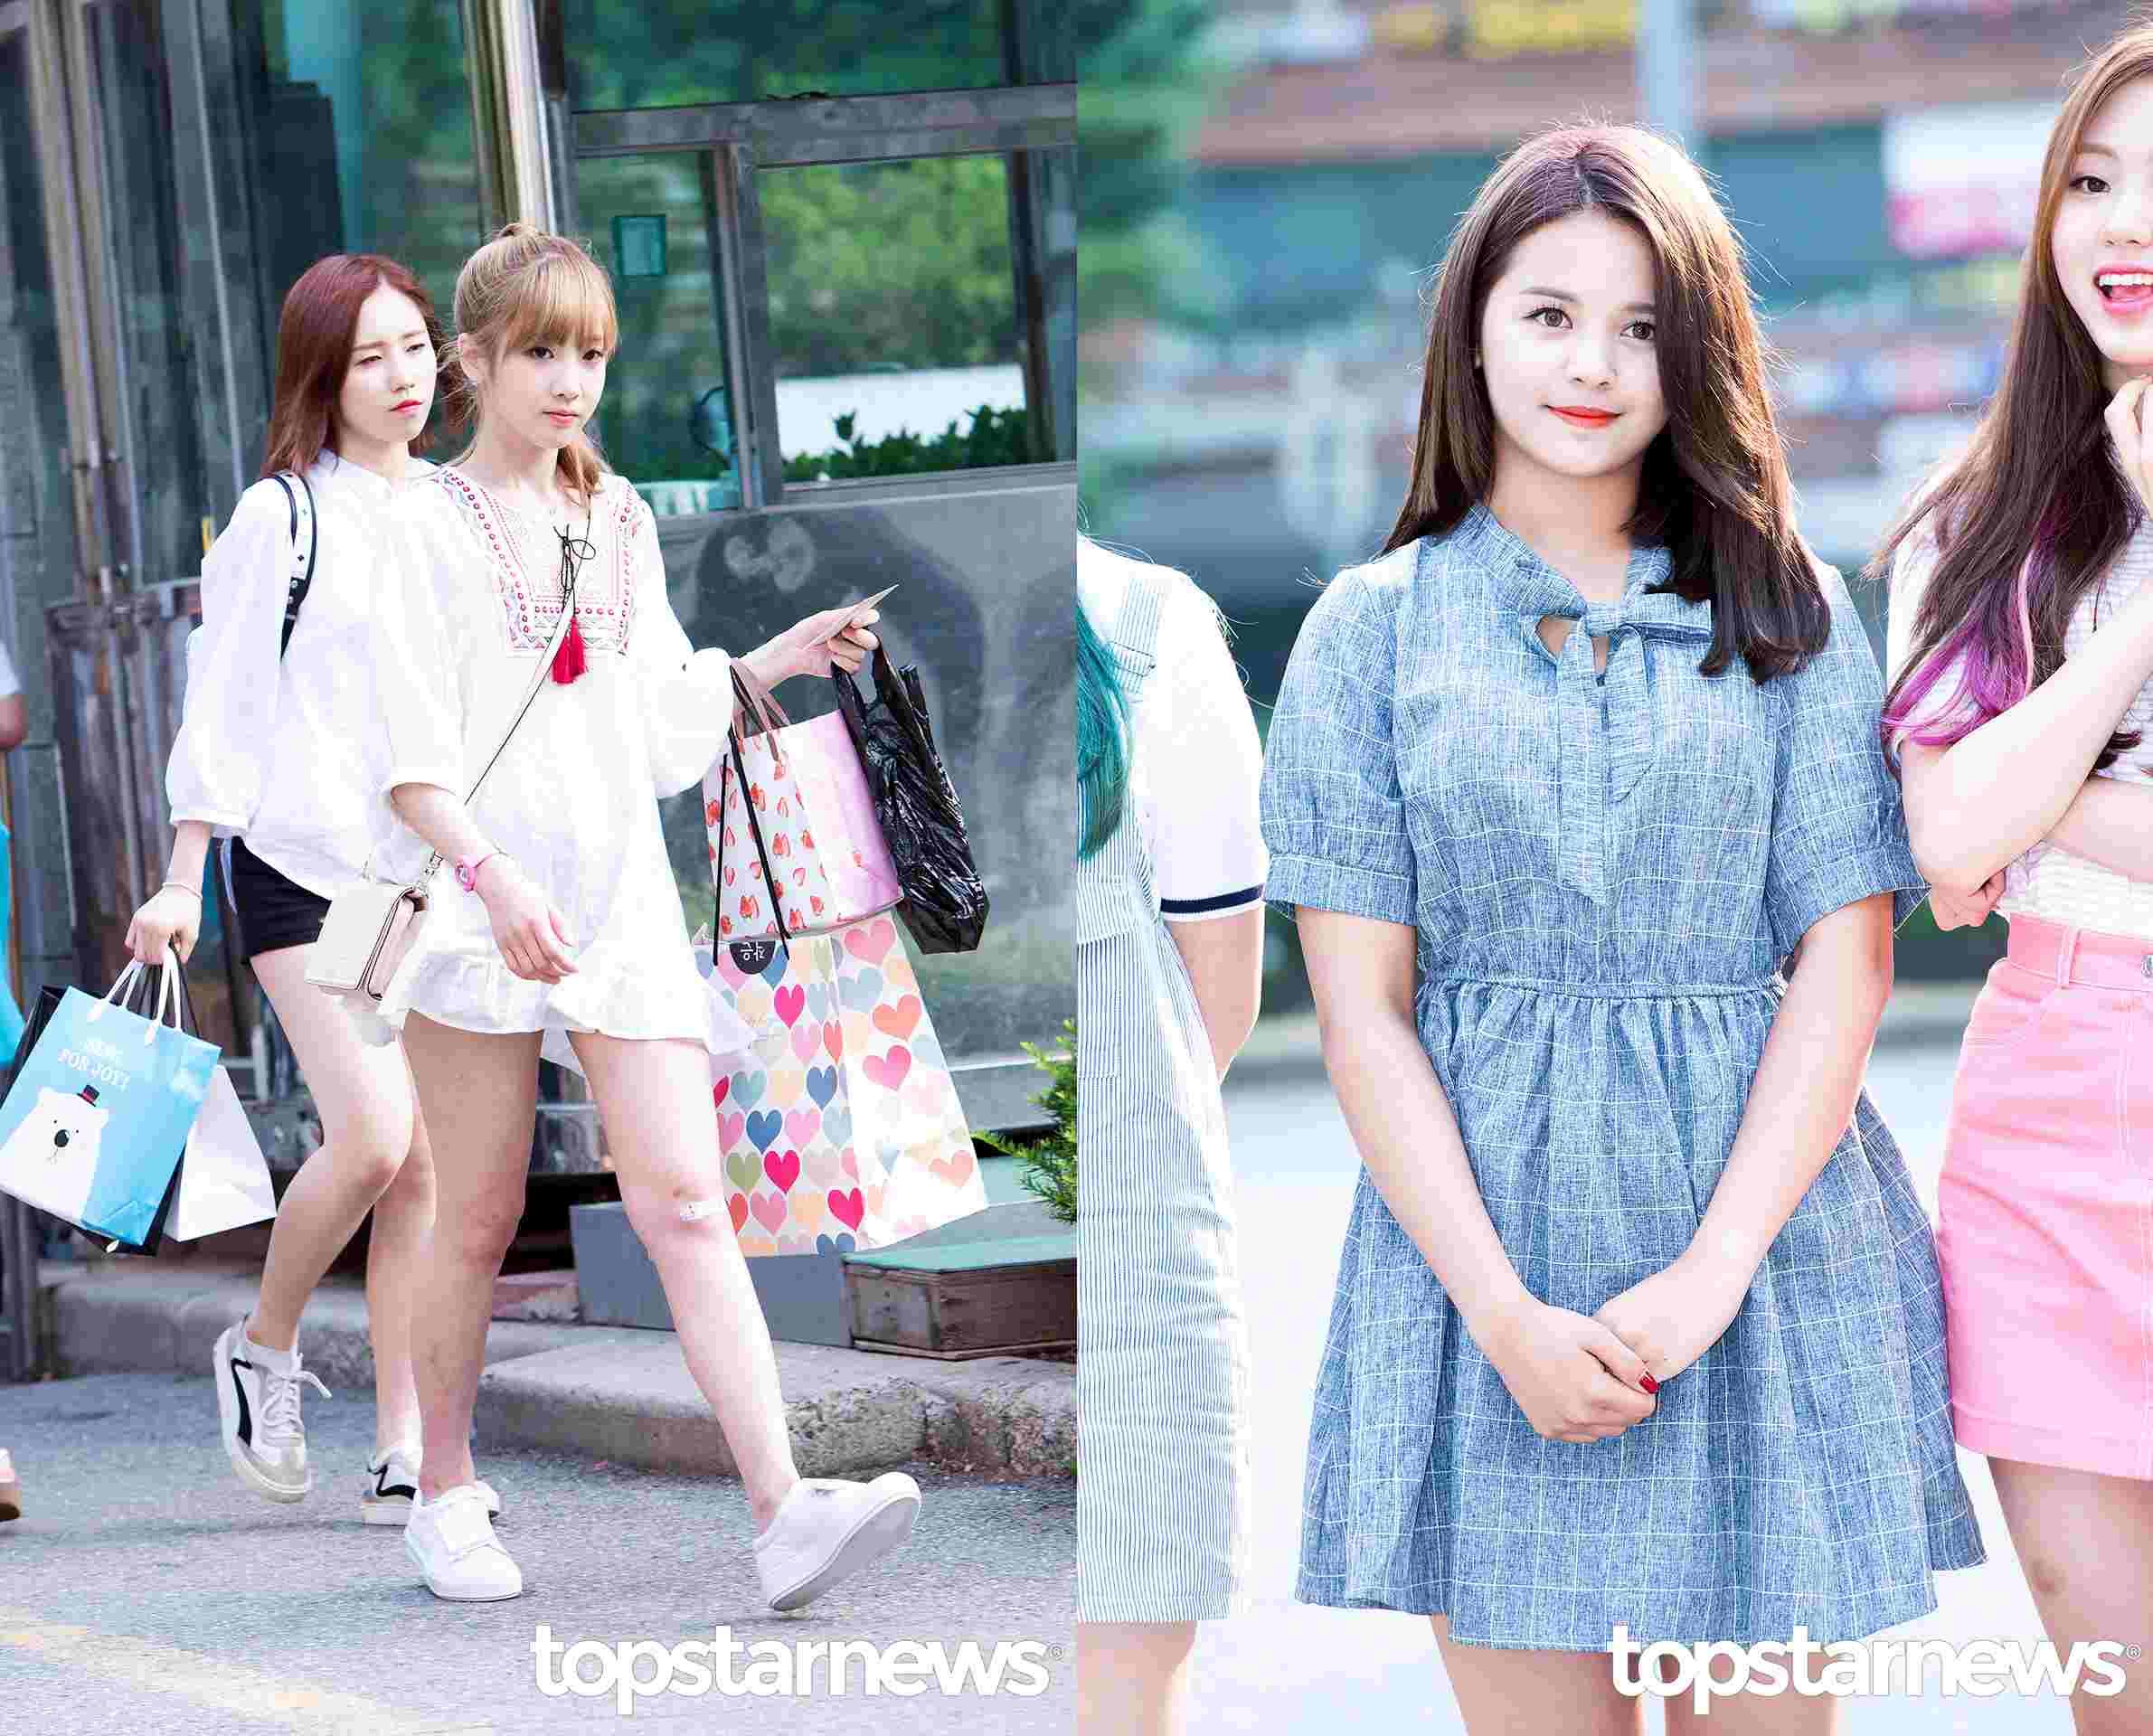 Style①繫帶洋裝 洋裝絕對是最簡單又最少女風的單品,女孩們的衣櫃裡一定有好幾件吧?不過今天夏天韓國尤其流行脖子處繫帶款的,智愛是細帶加流蘇,Sorn則是繫成了可愛的蝴蝶結。